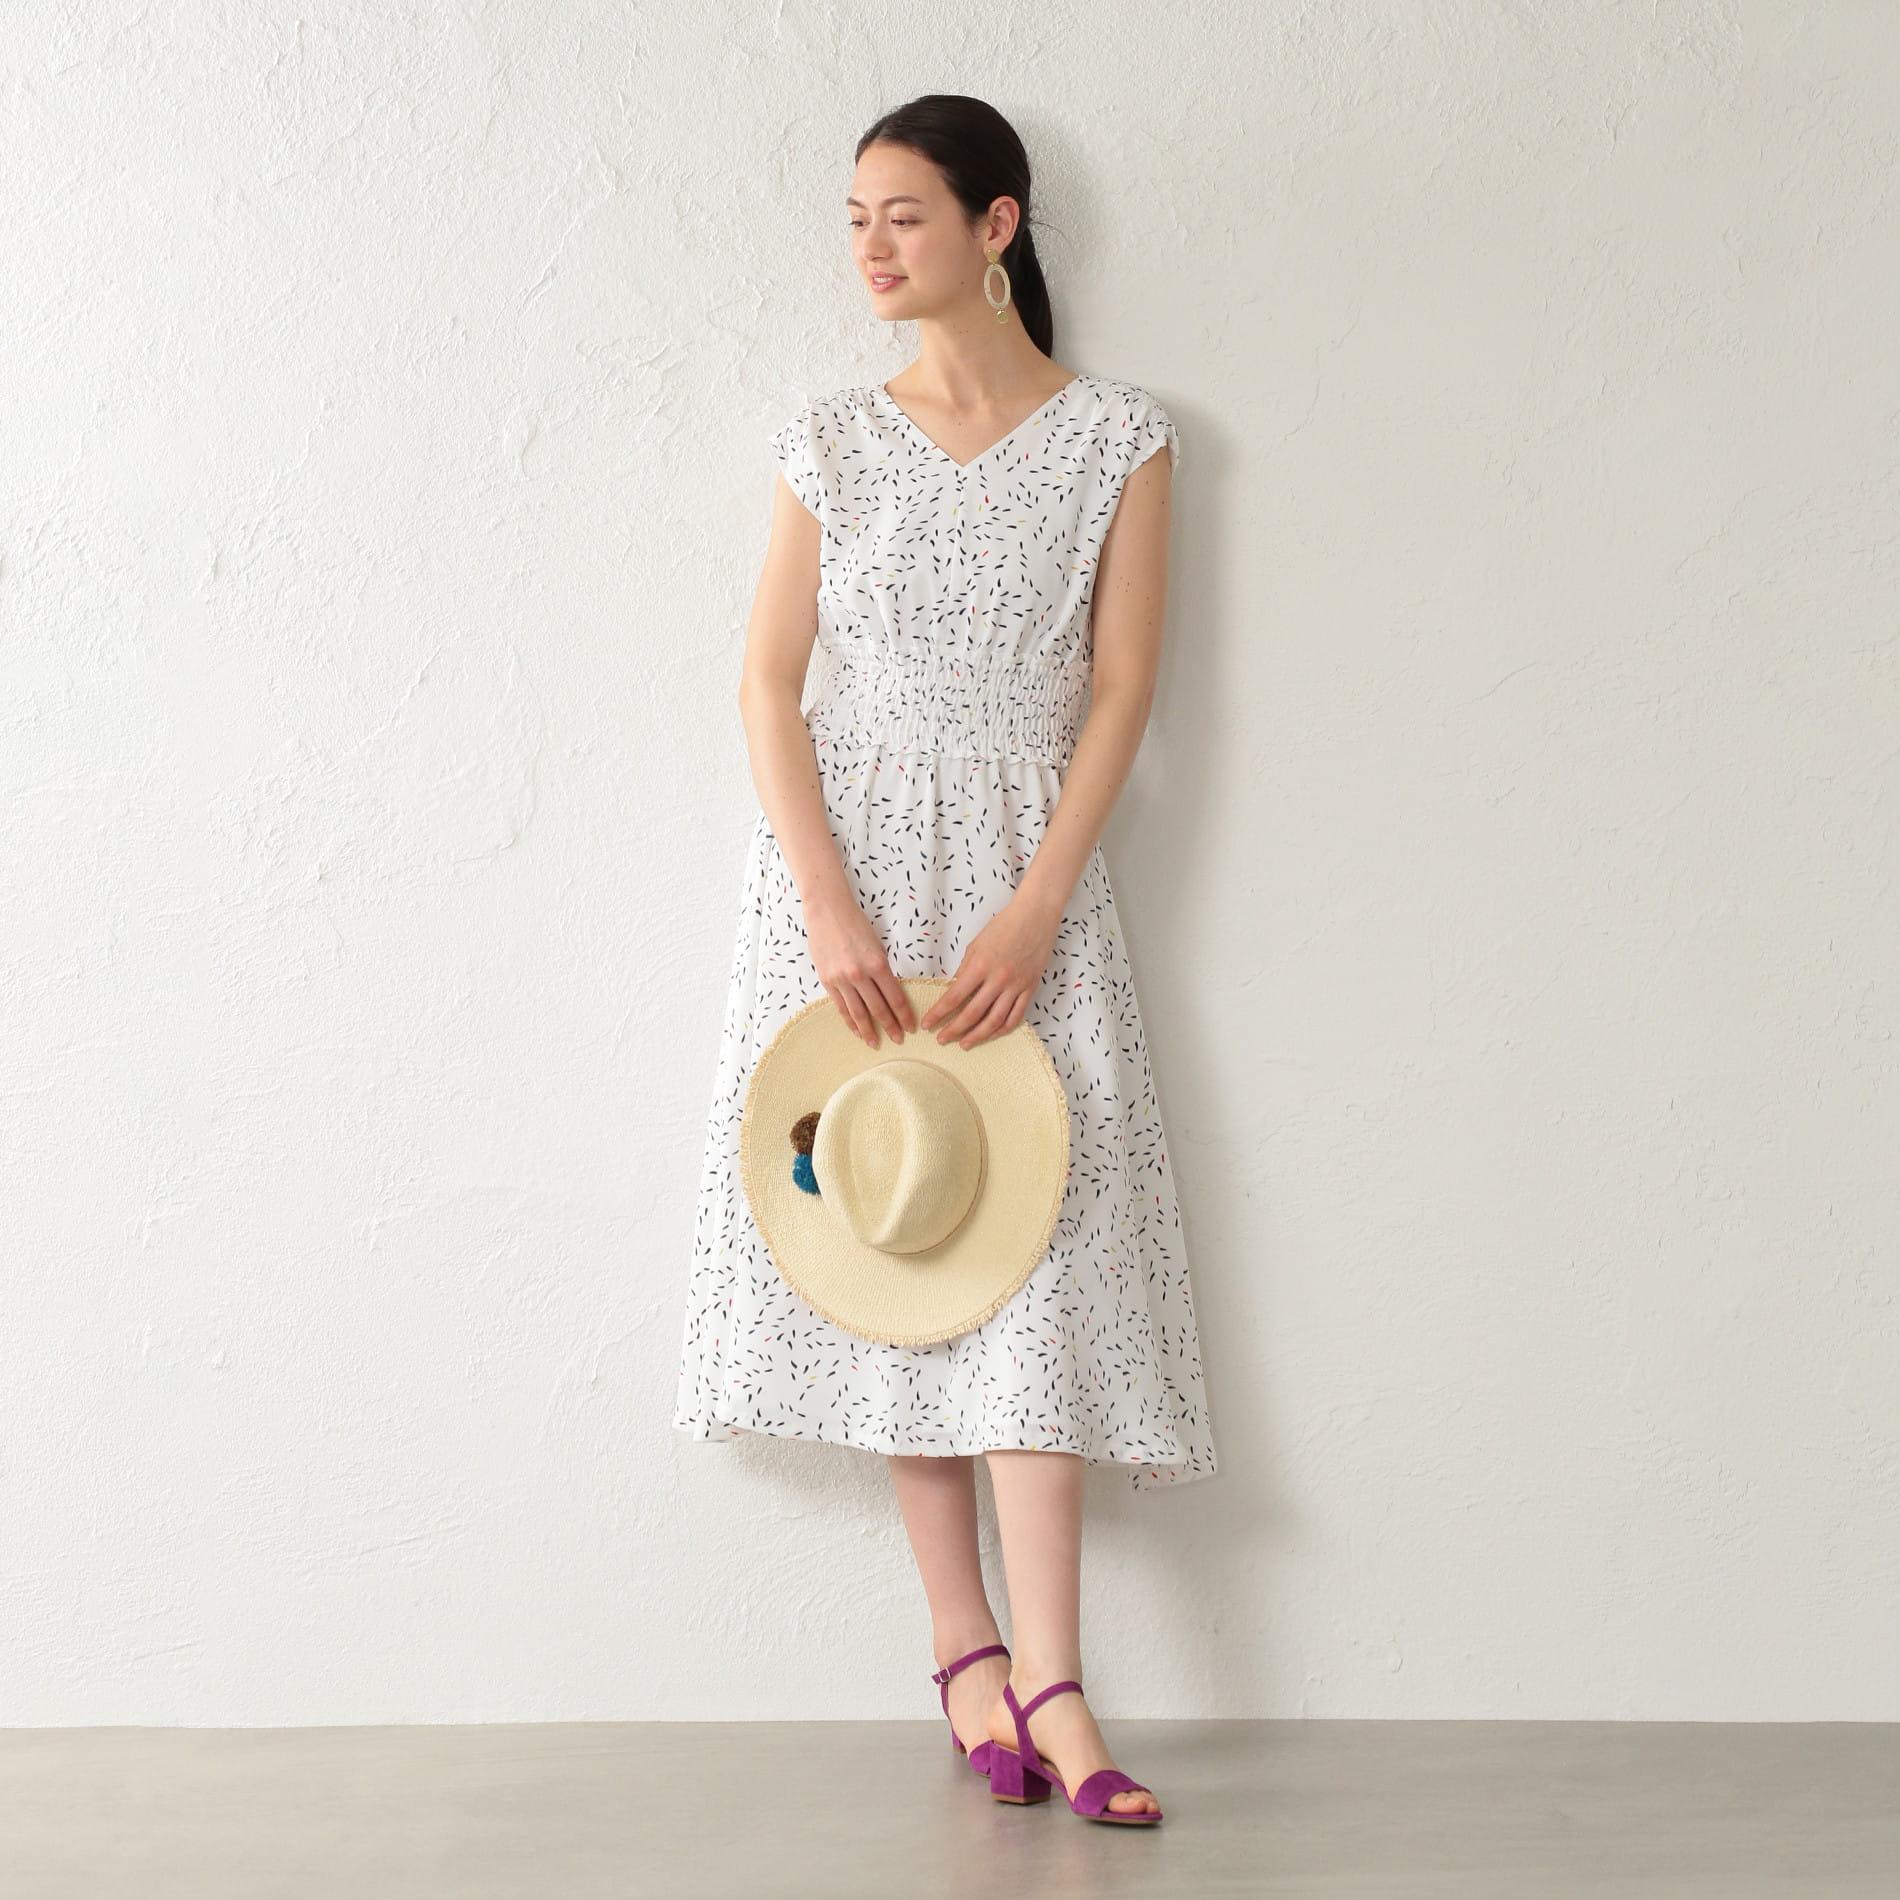 【E_EPOCA THE SHOP】ドットプリントドレス